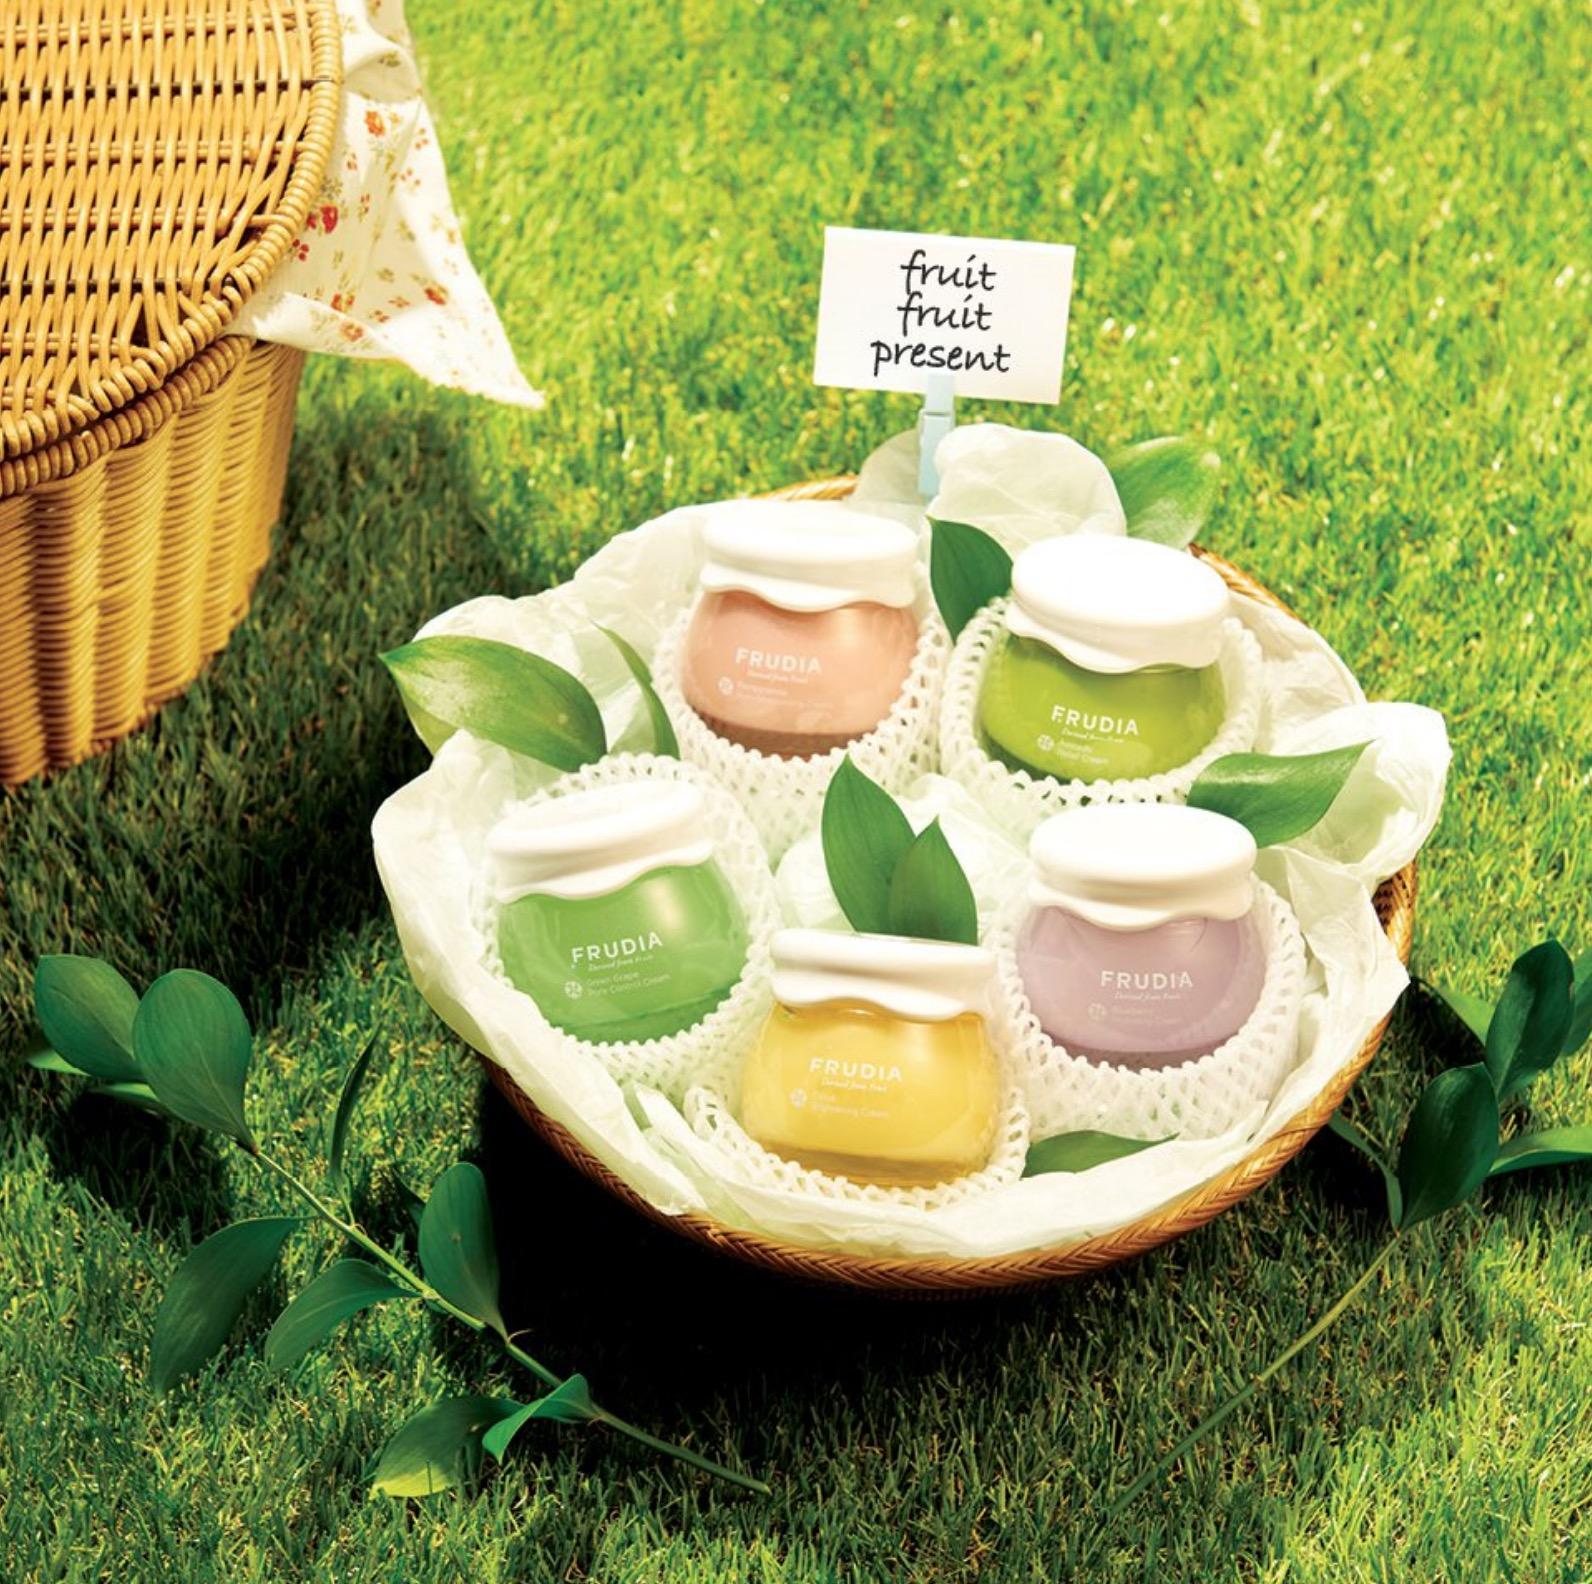 韓國新創水果保養品牌FRUDIA